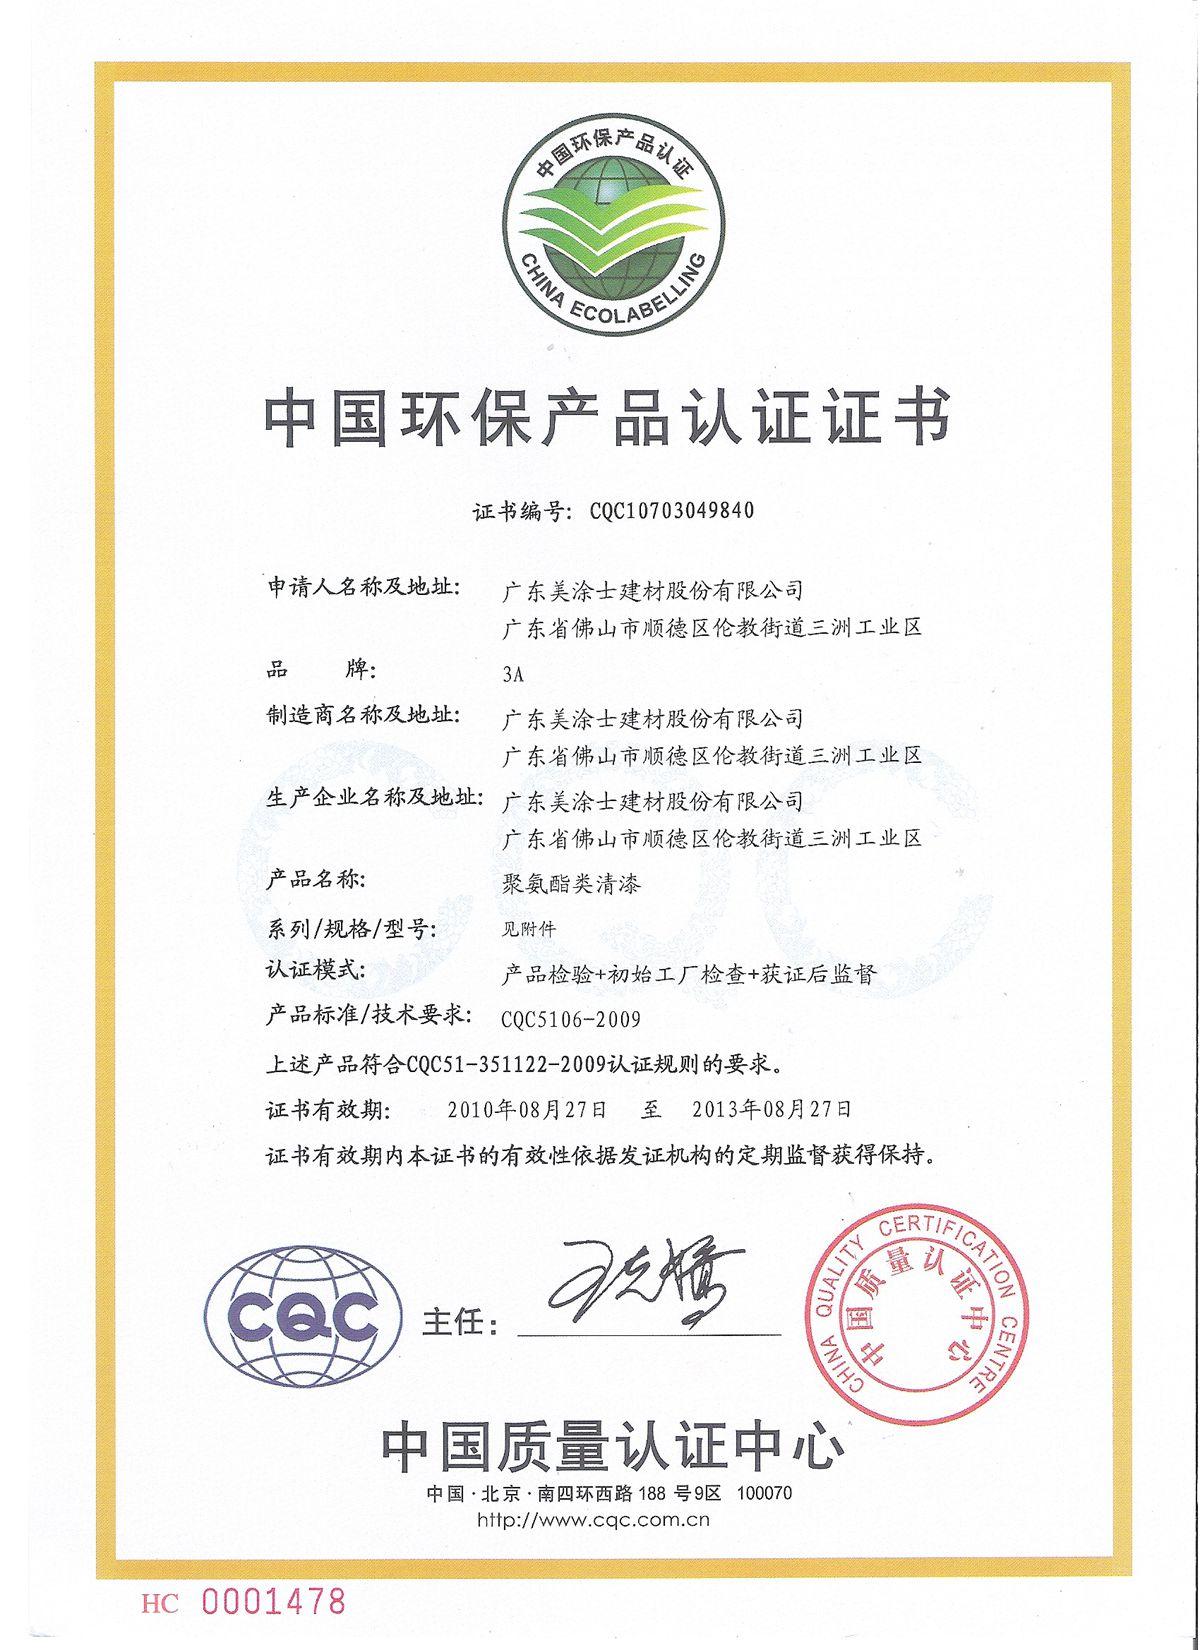 中国环保产品认证证书 (2)